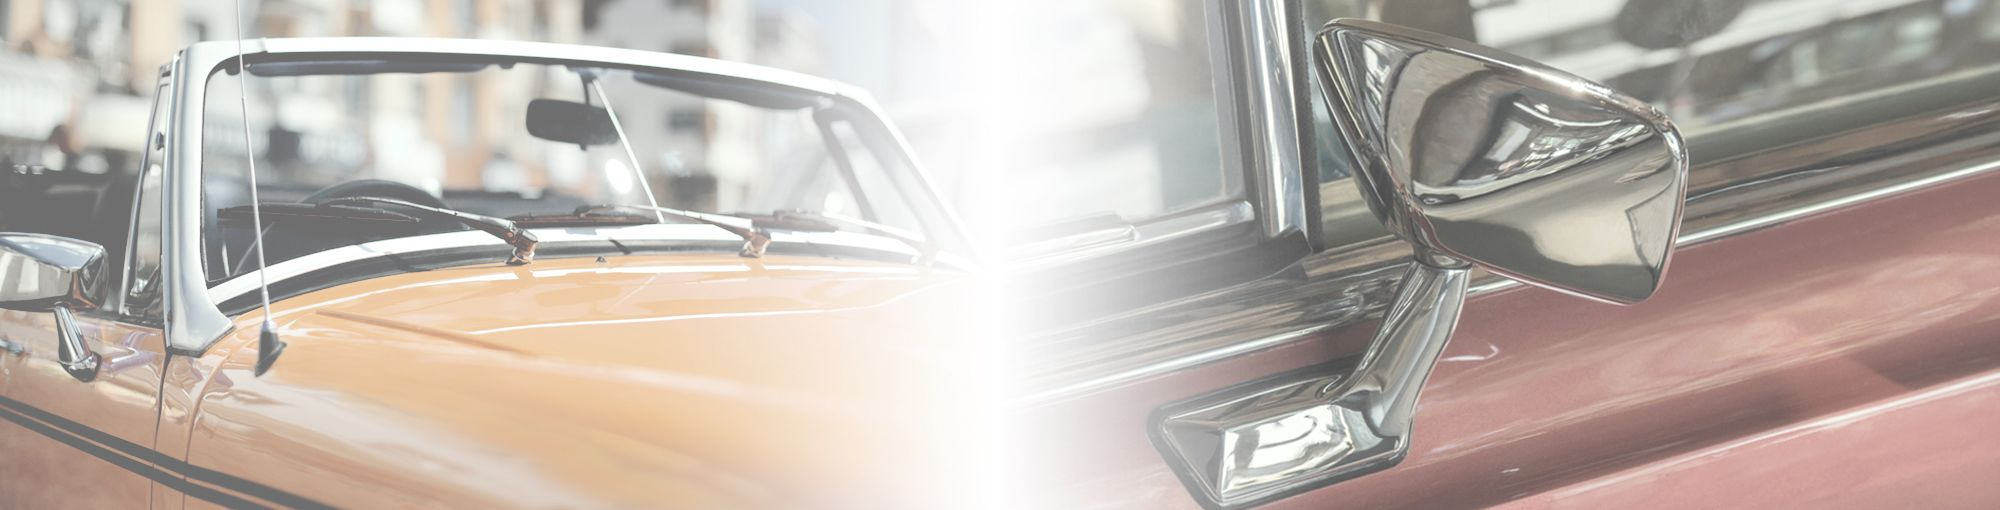 Klassiske bilvisker og spejle